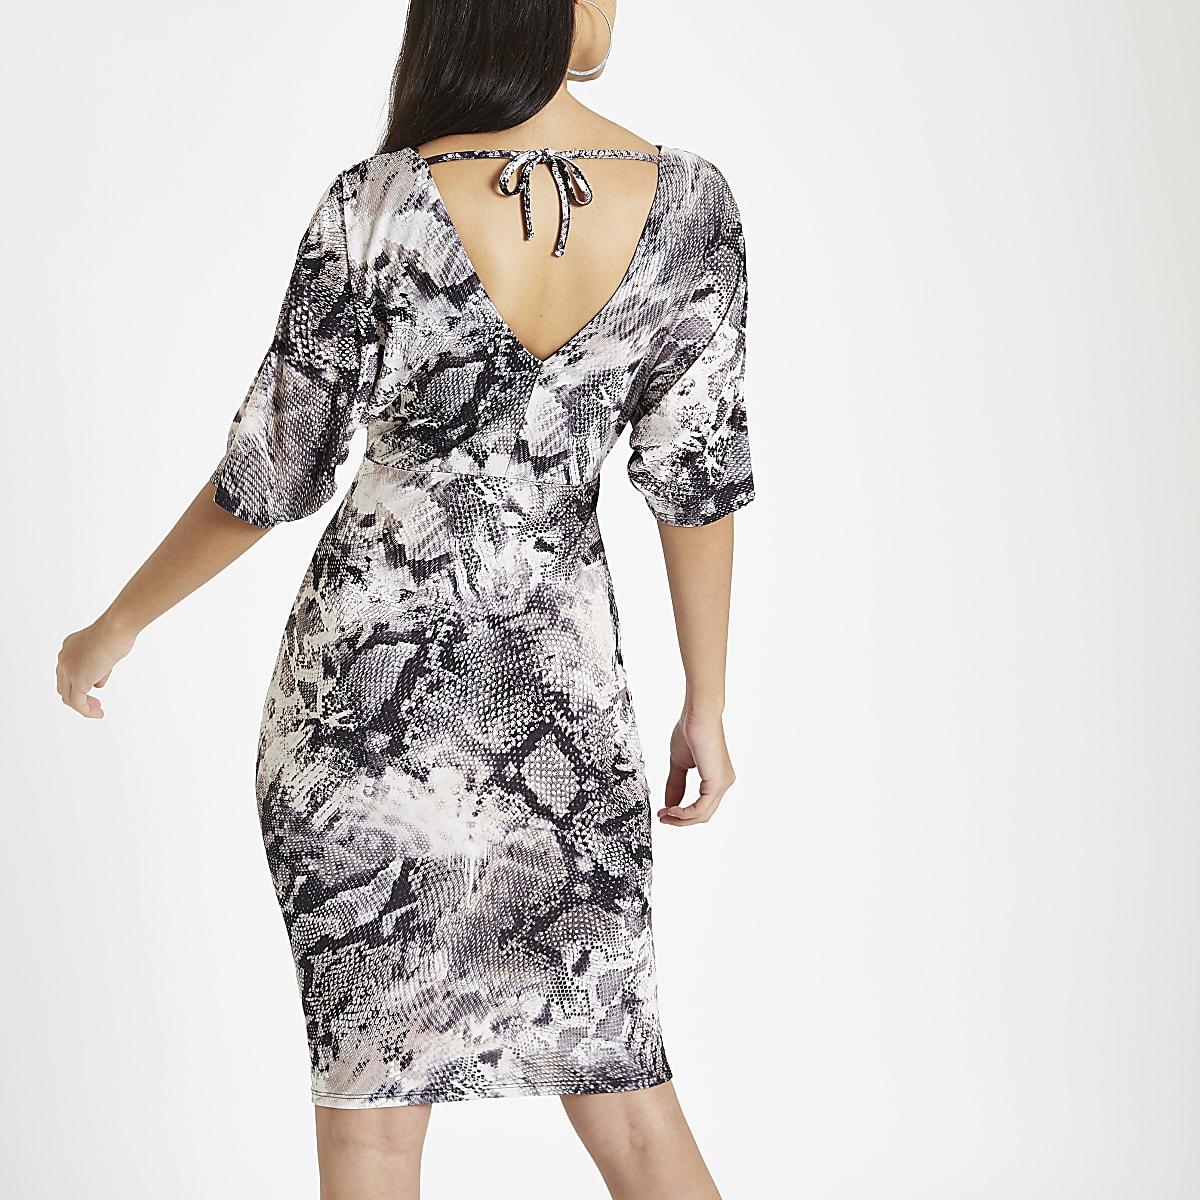 c0a1b068cab098 Grijze midi-jurk met overslag en slangenprint - Bodyconjurken ...